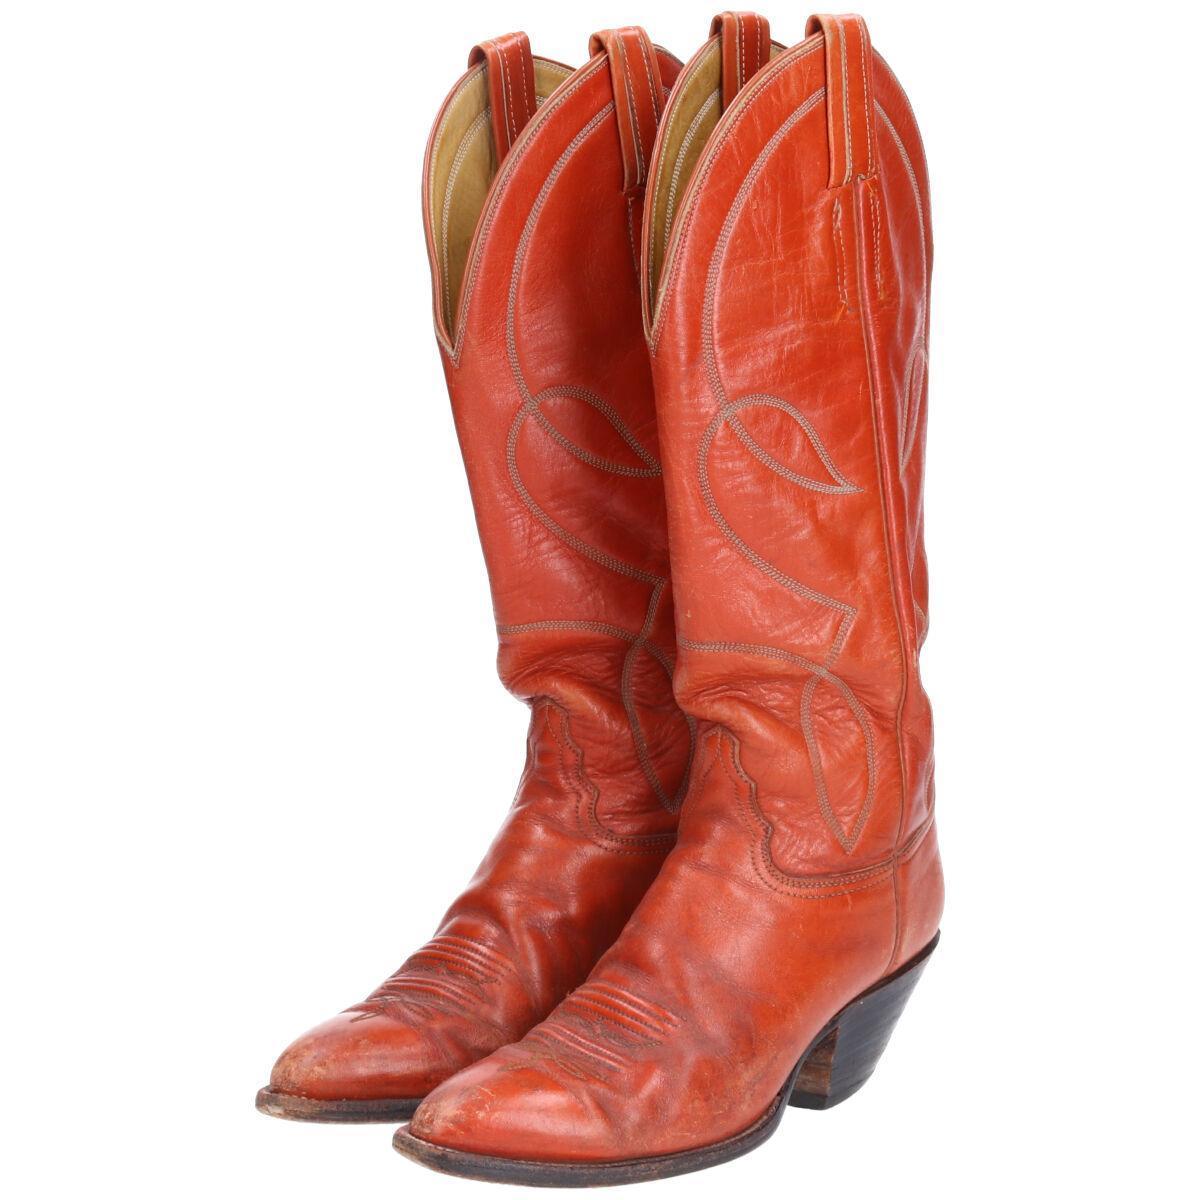 買い物 HONDO BOOTS ウエスタンブーツ 7.5B 中古 レディース24.5cm saa004284 新生活 210116